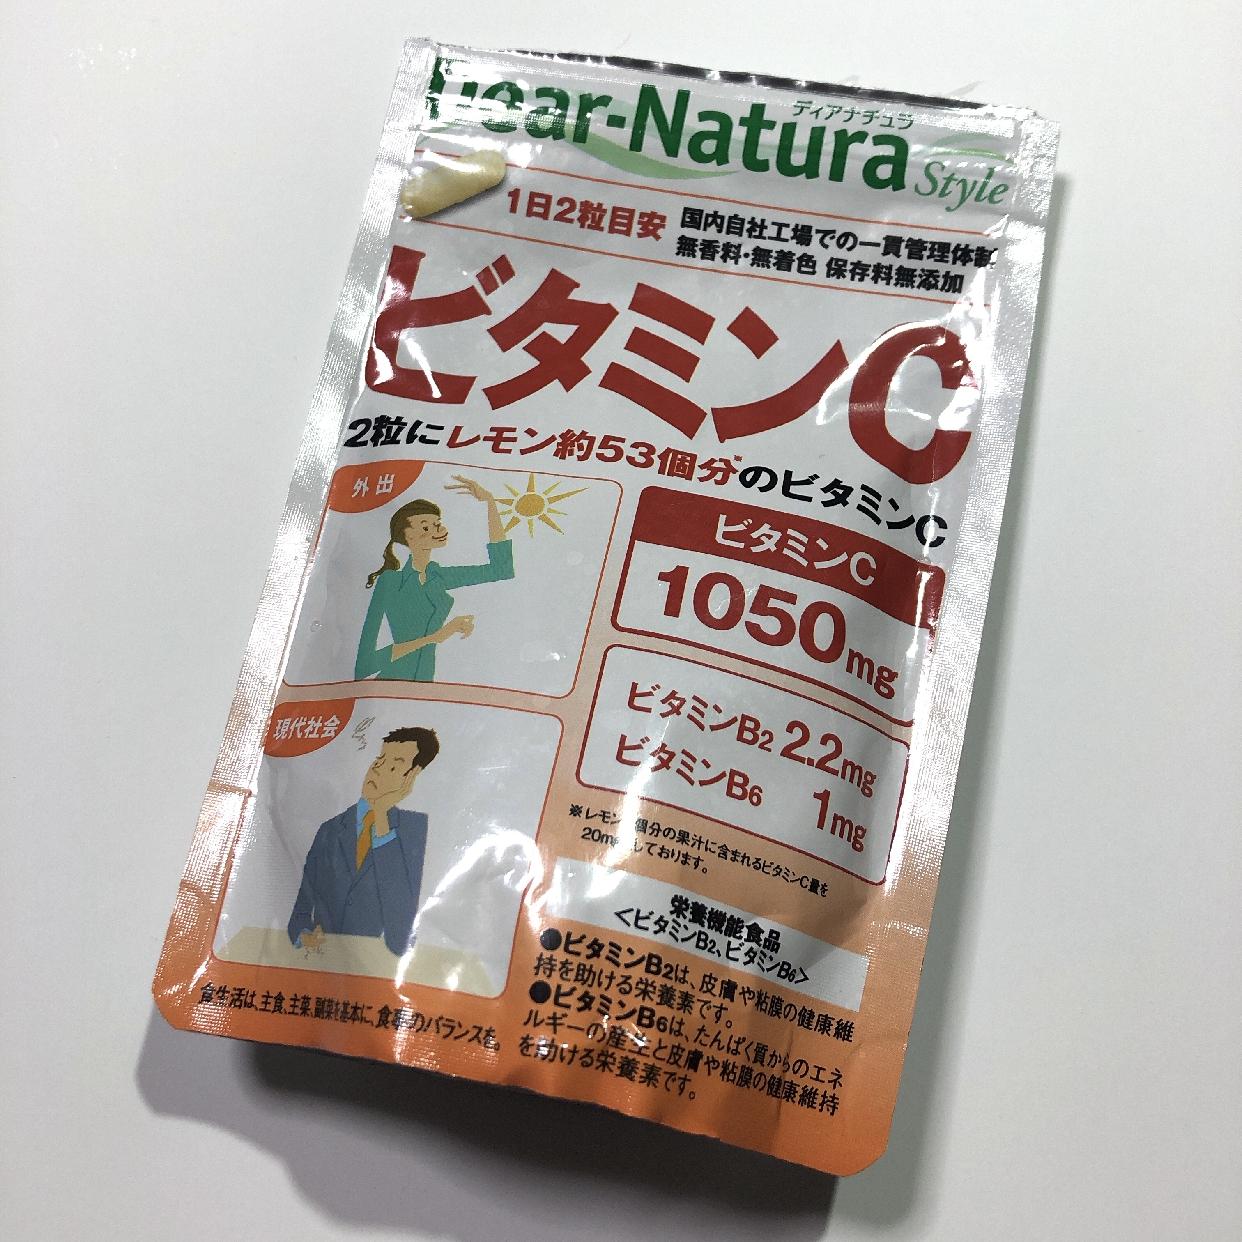 Dear-Natura(ディアナチュラ)ビタミンCを使った夢子さんのクチコミ画像1